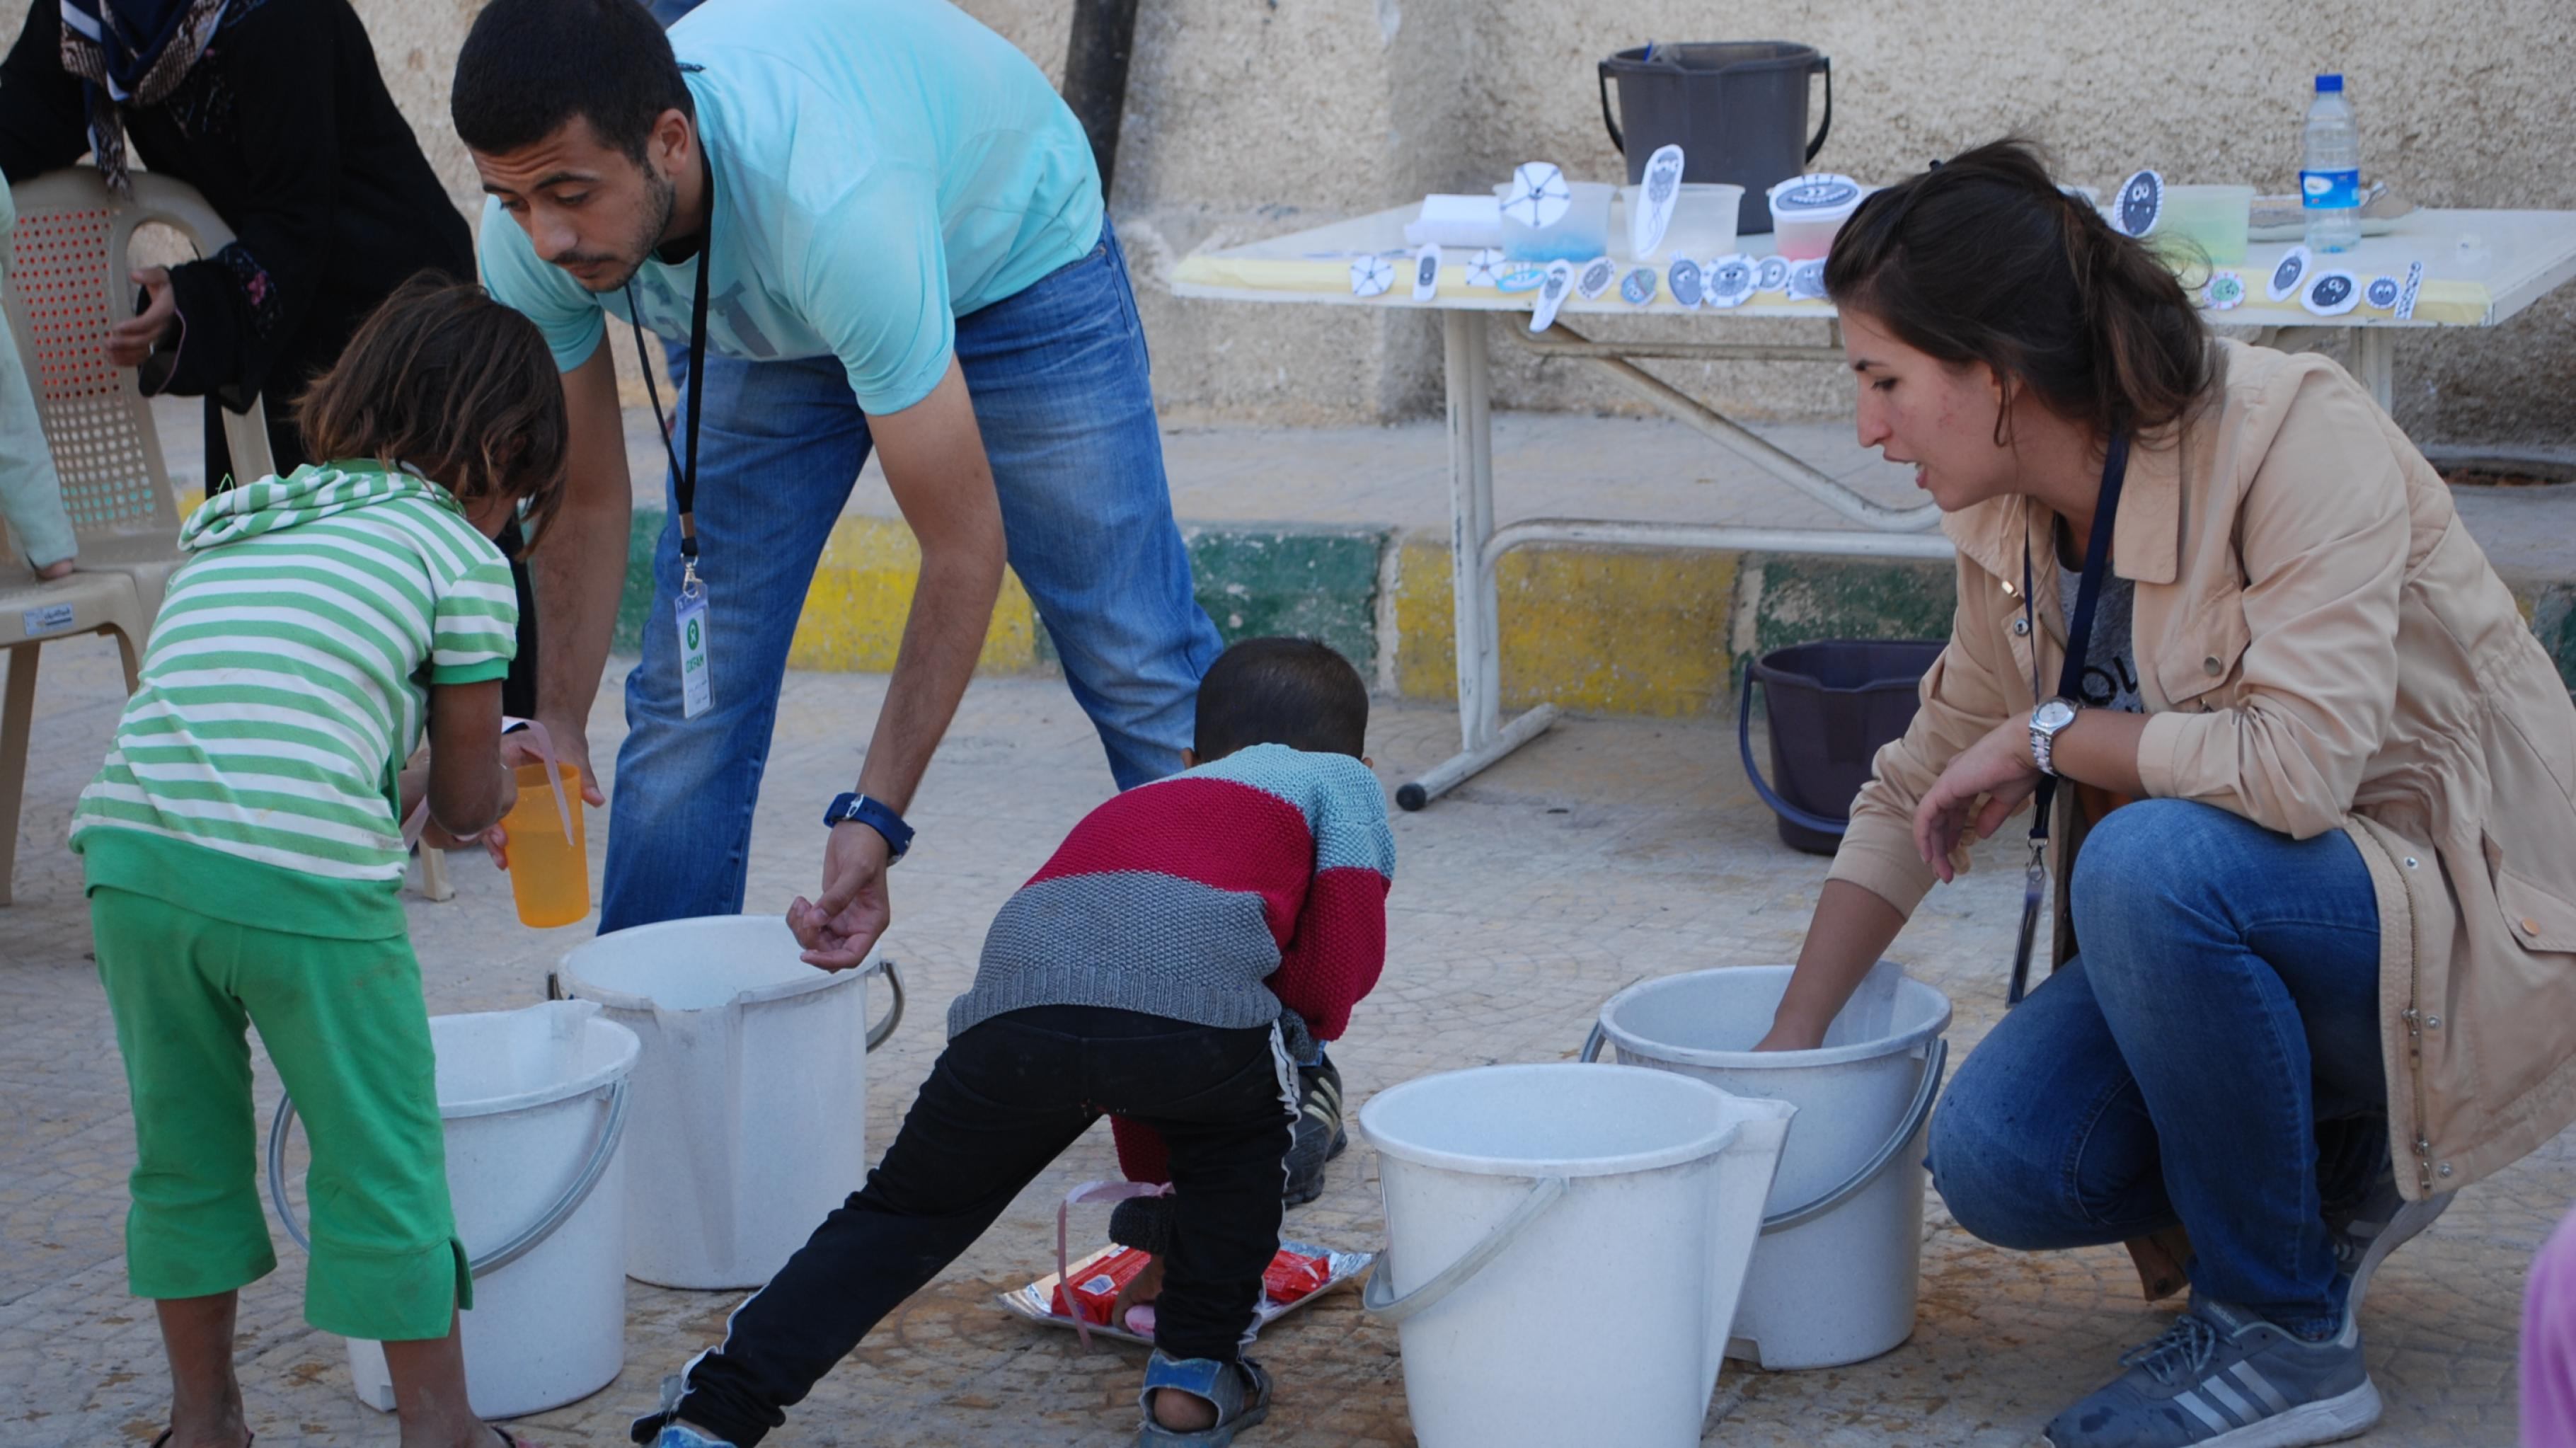 Eine Oxfam-Mitarbeiterin und ein Oxfam-Mitarbeiter erklären Kindern spielerisch die Bedeutung des Hände waschens.